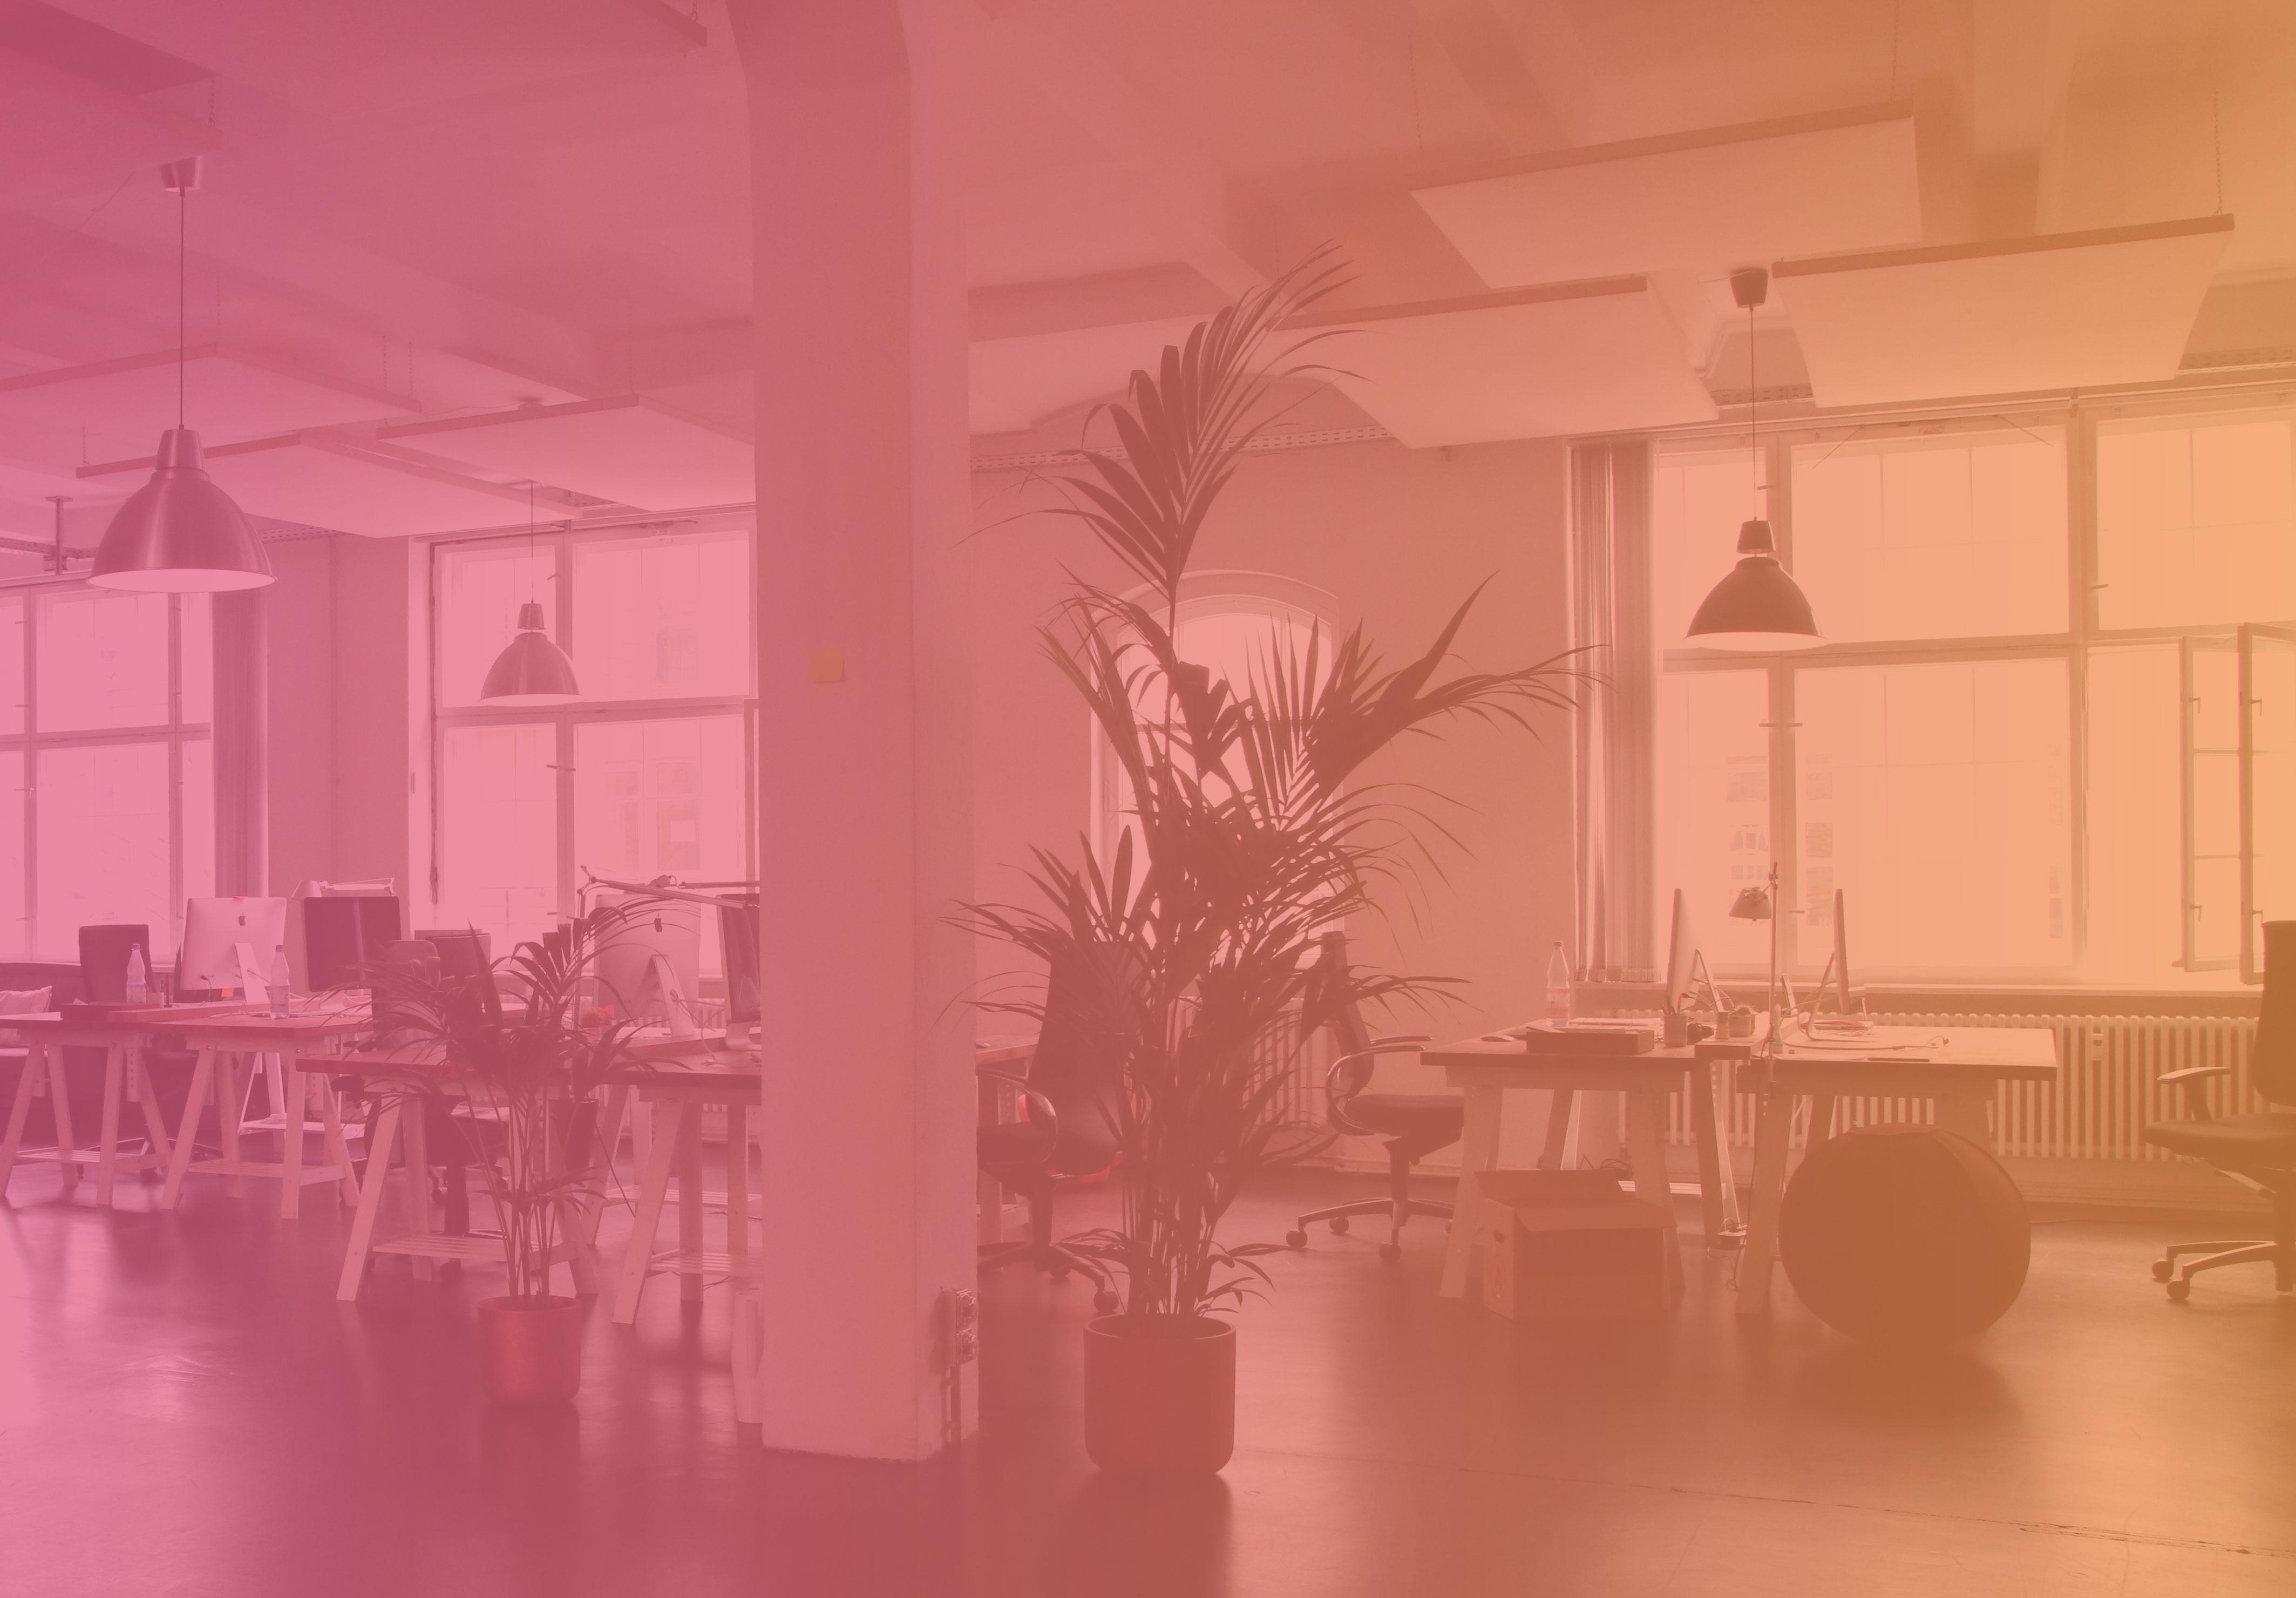 Placeholderbild på ett kontor med Awaves gradienta färg ovanpå